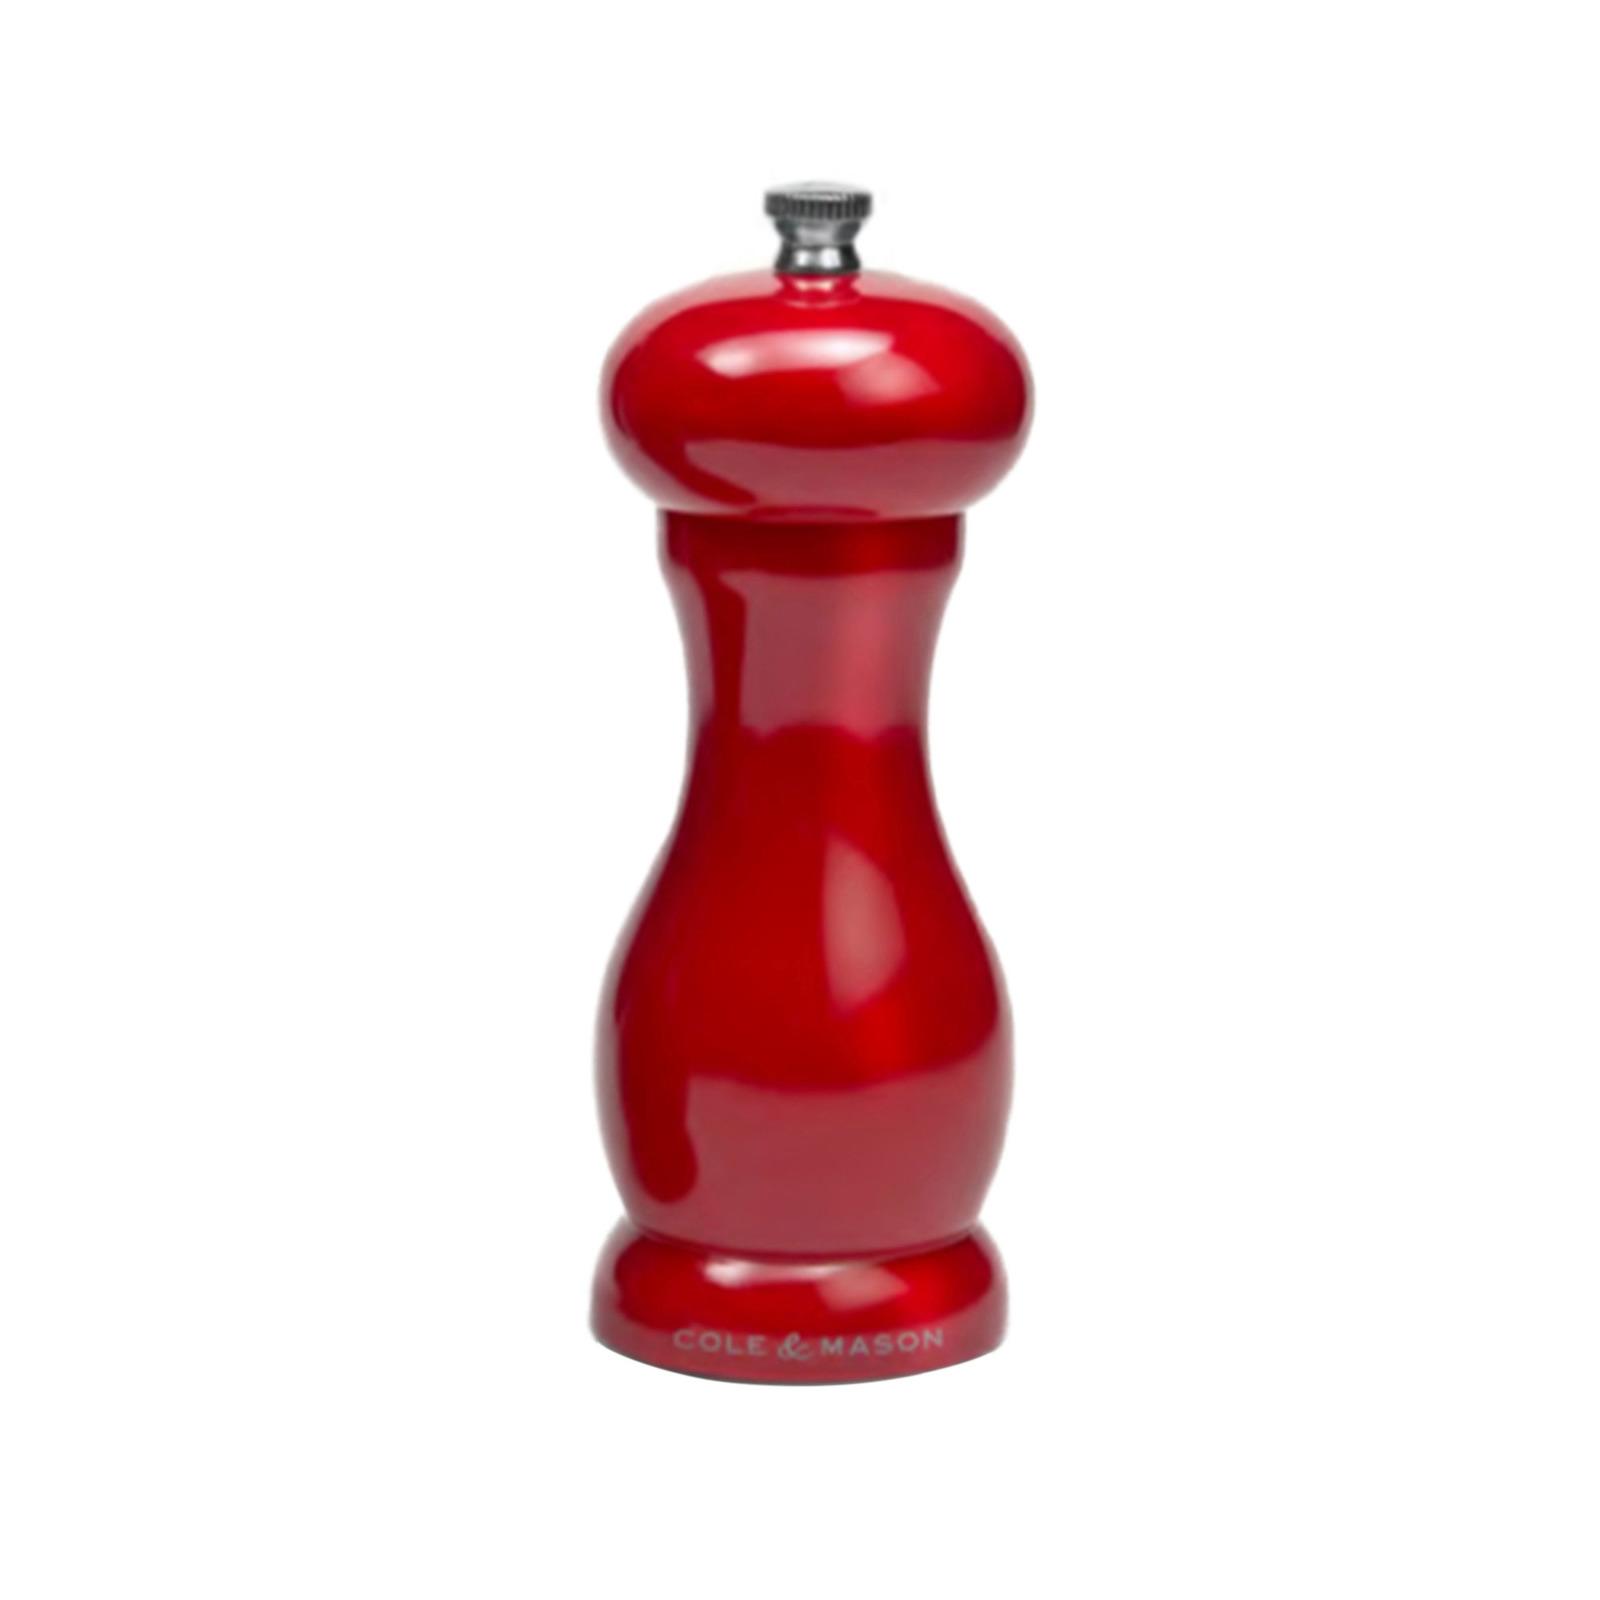 COLE&MASON Precision Pepper Mill 15.5cm Red